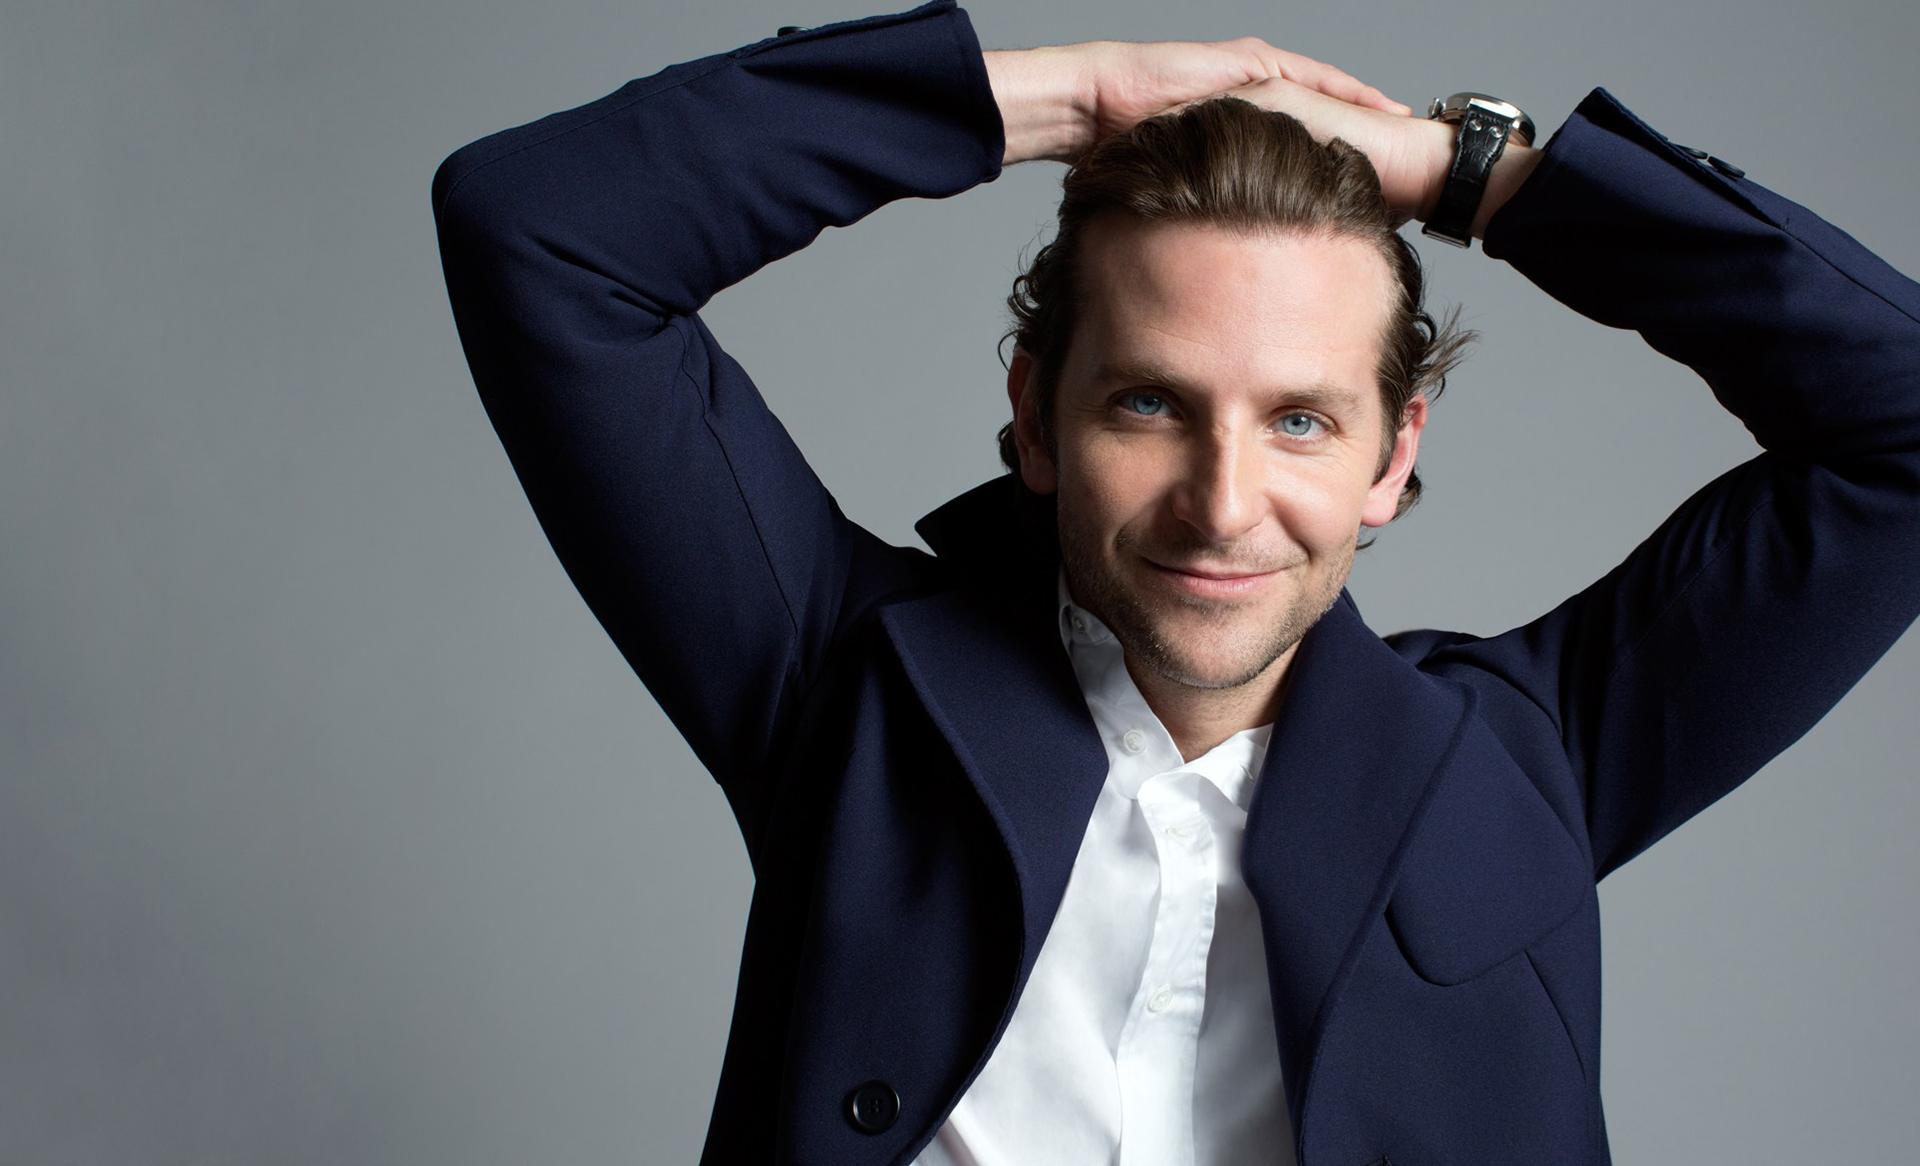 Bradley Cooper 2014 Imię i nazwisko Bradley Charles Cooper Data i miejsce urodzenia 5 stycznia 1975 Filadelfia Zawód aktor producent filmowy